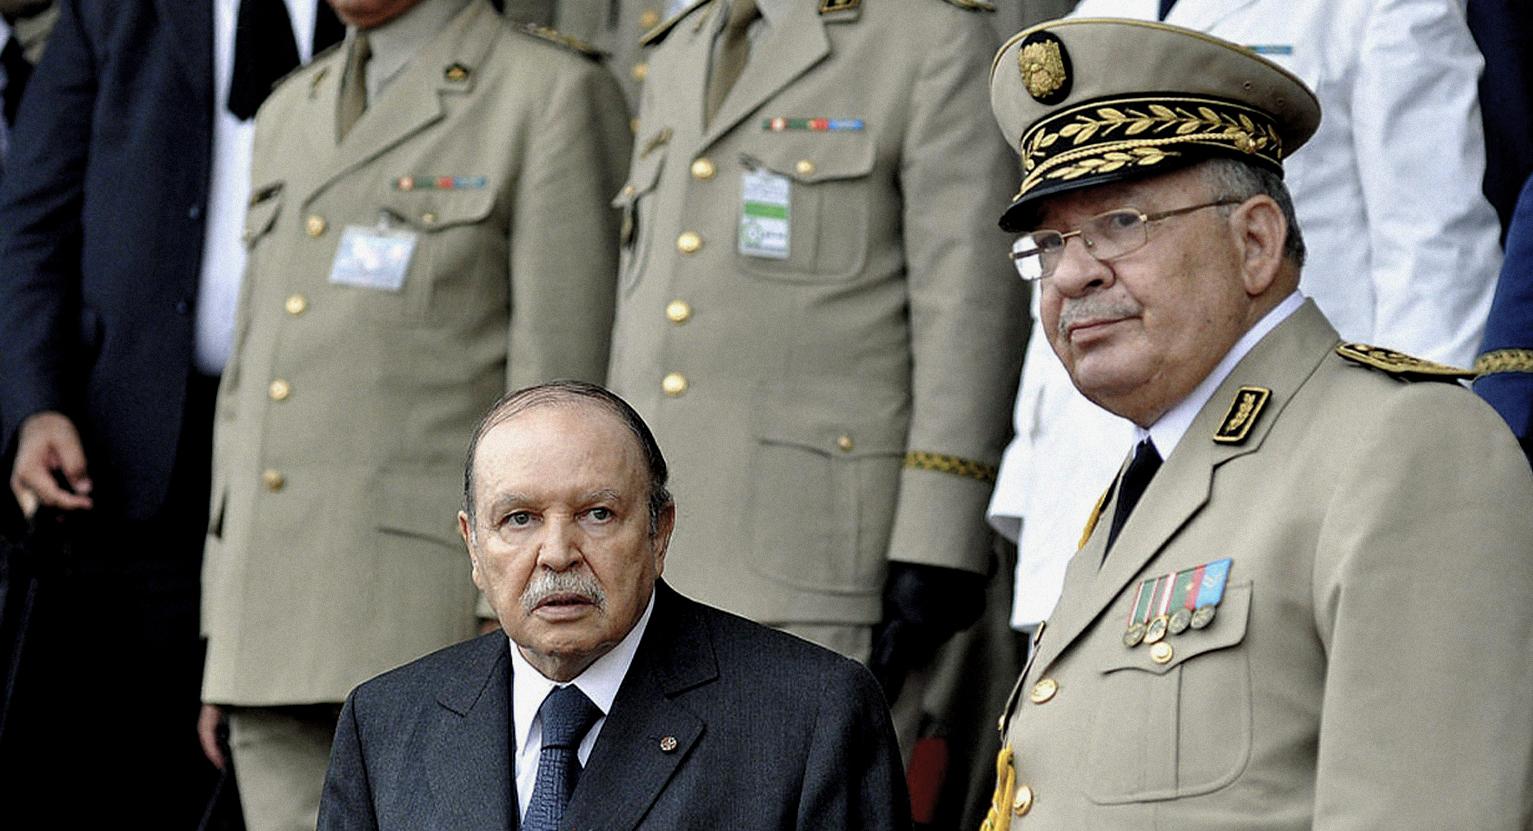 صورة أعضاء عصابة يتبرَّؤون من زعيمهم